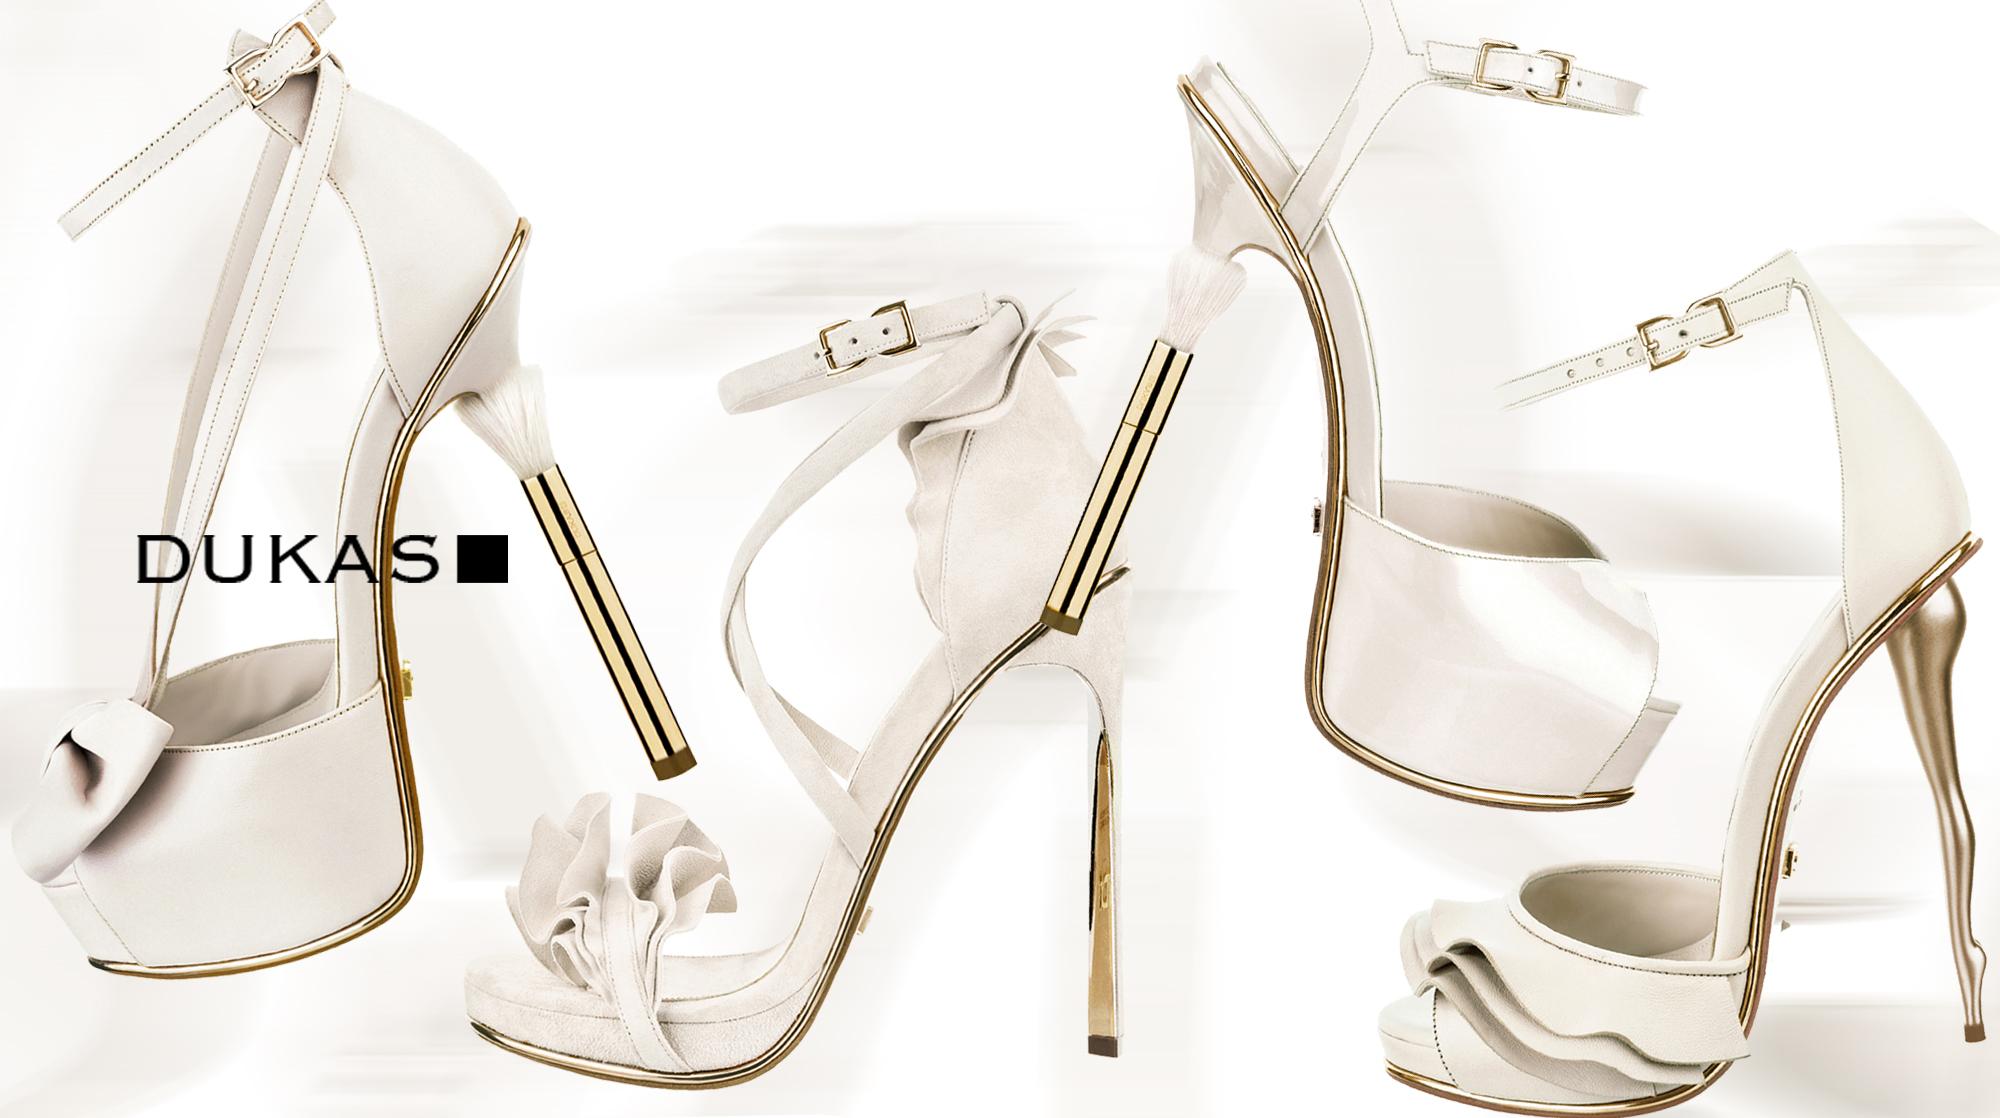 265956b71256 Official DUKAS Online Boutique - Luxury Shoes